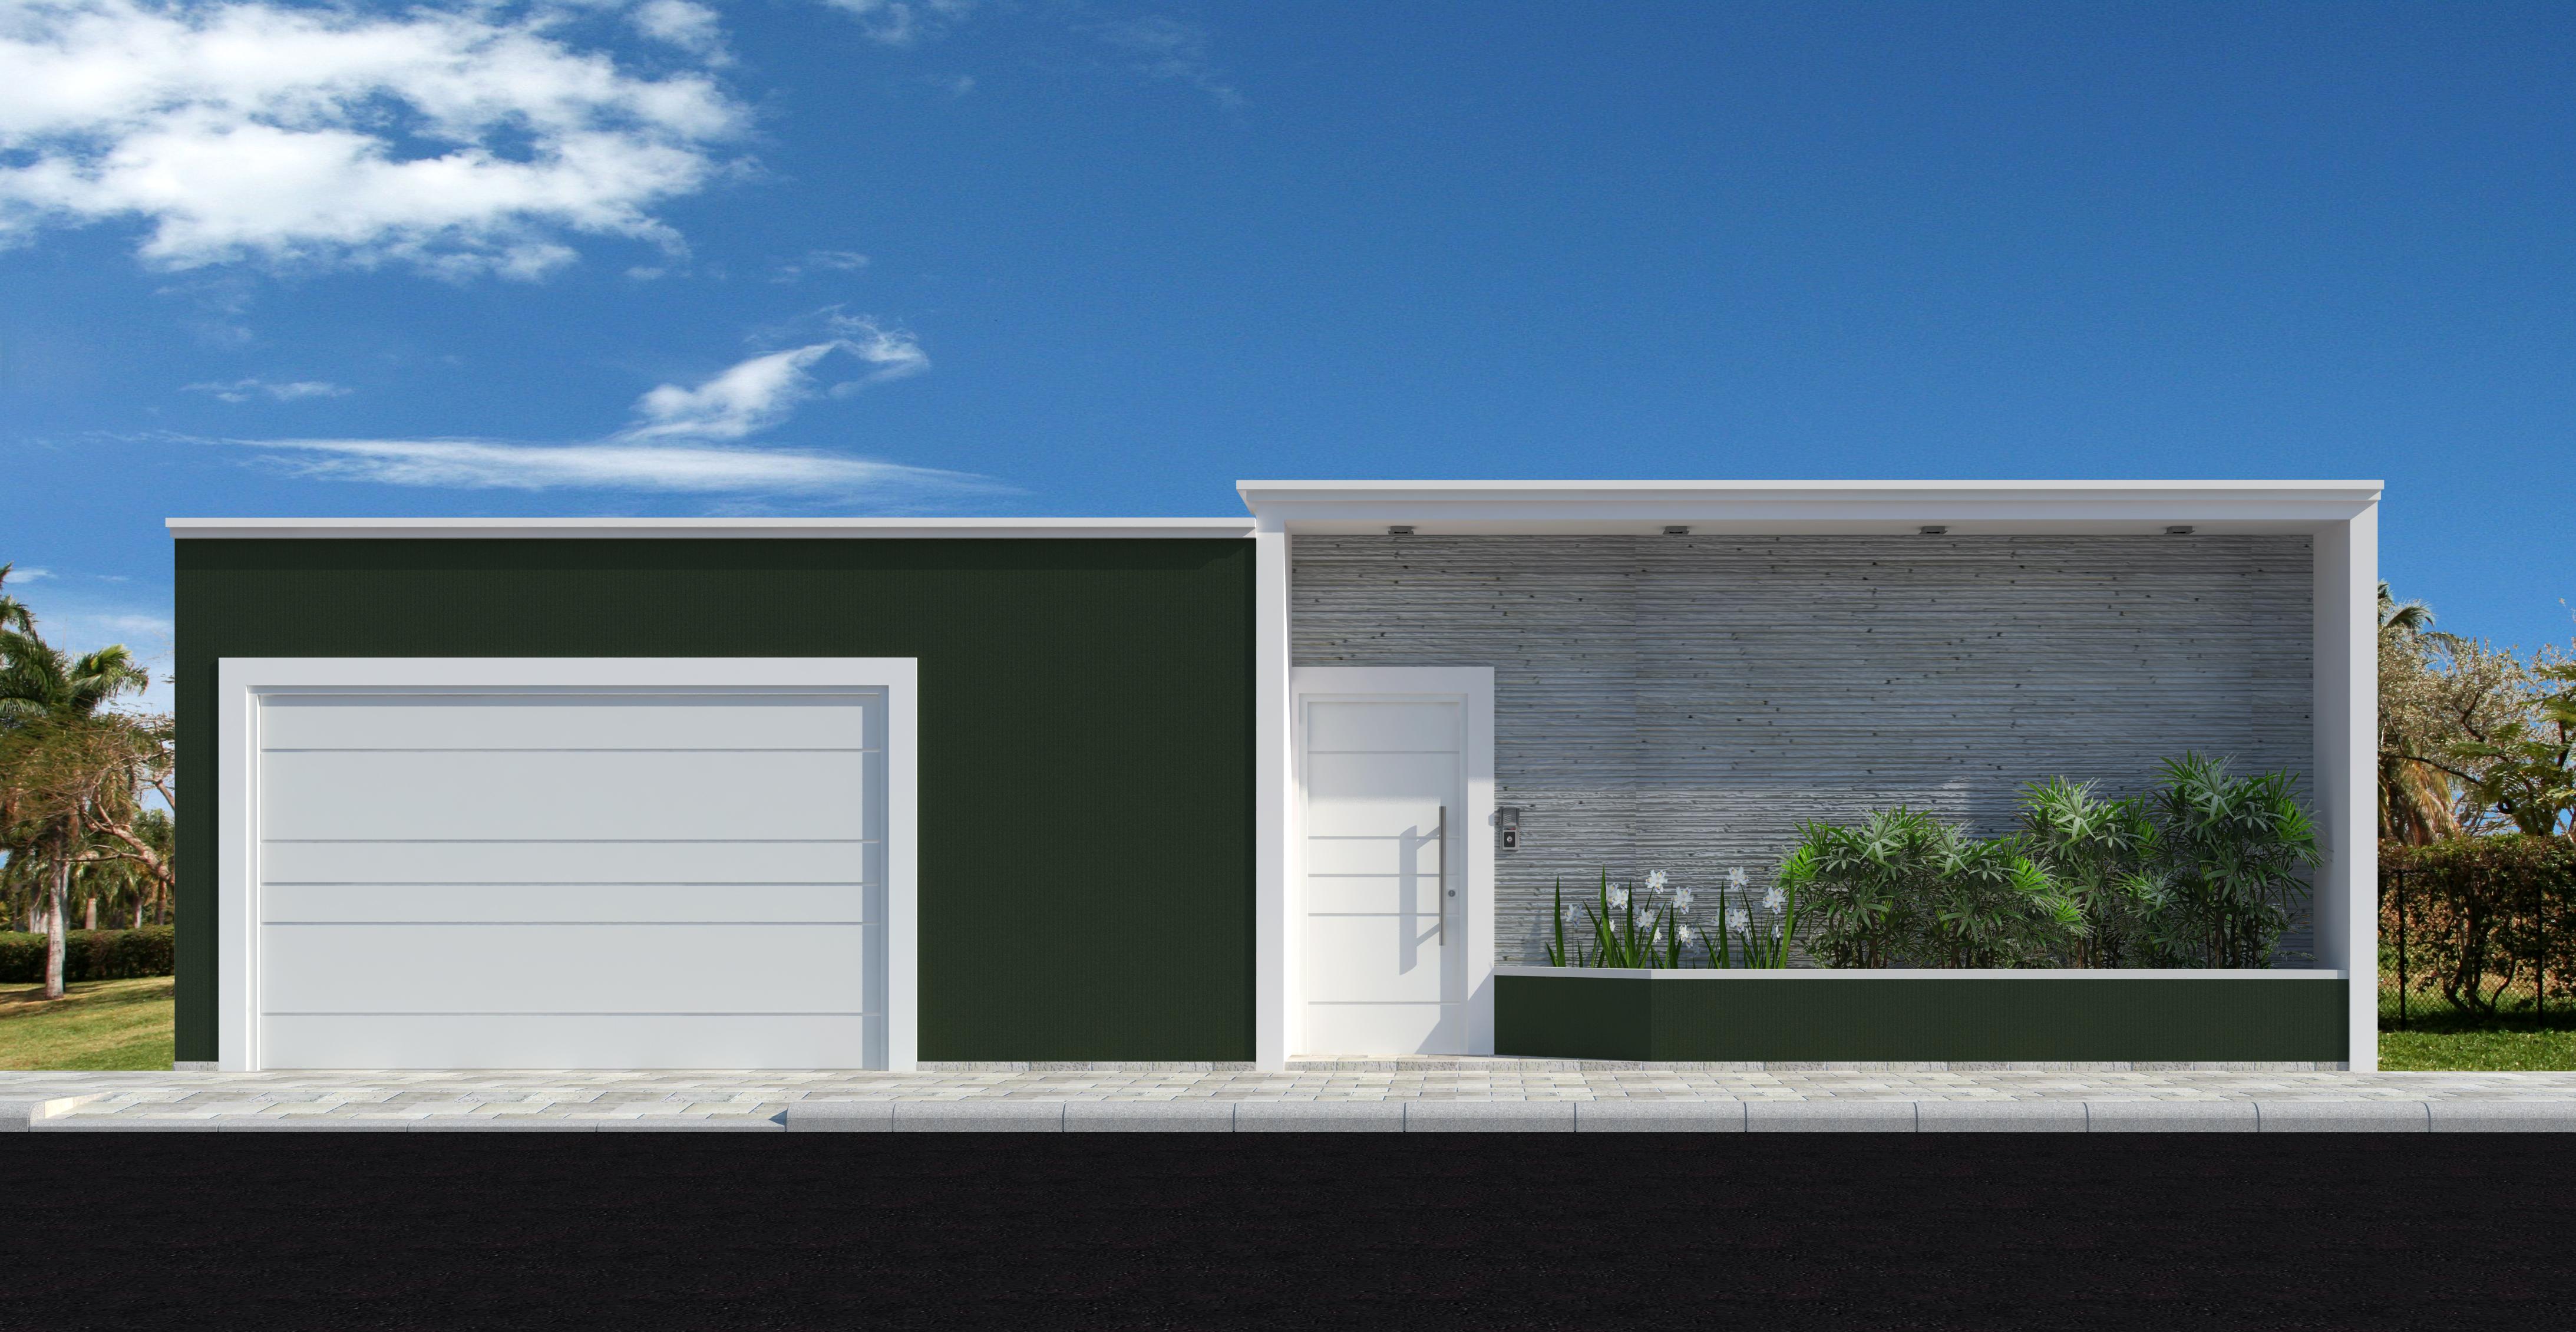 49 modelos de muros e fachadas residenciais for Modelos de fachadas para frentes de casas